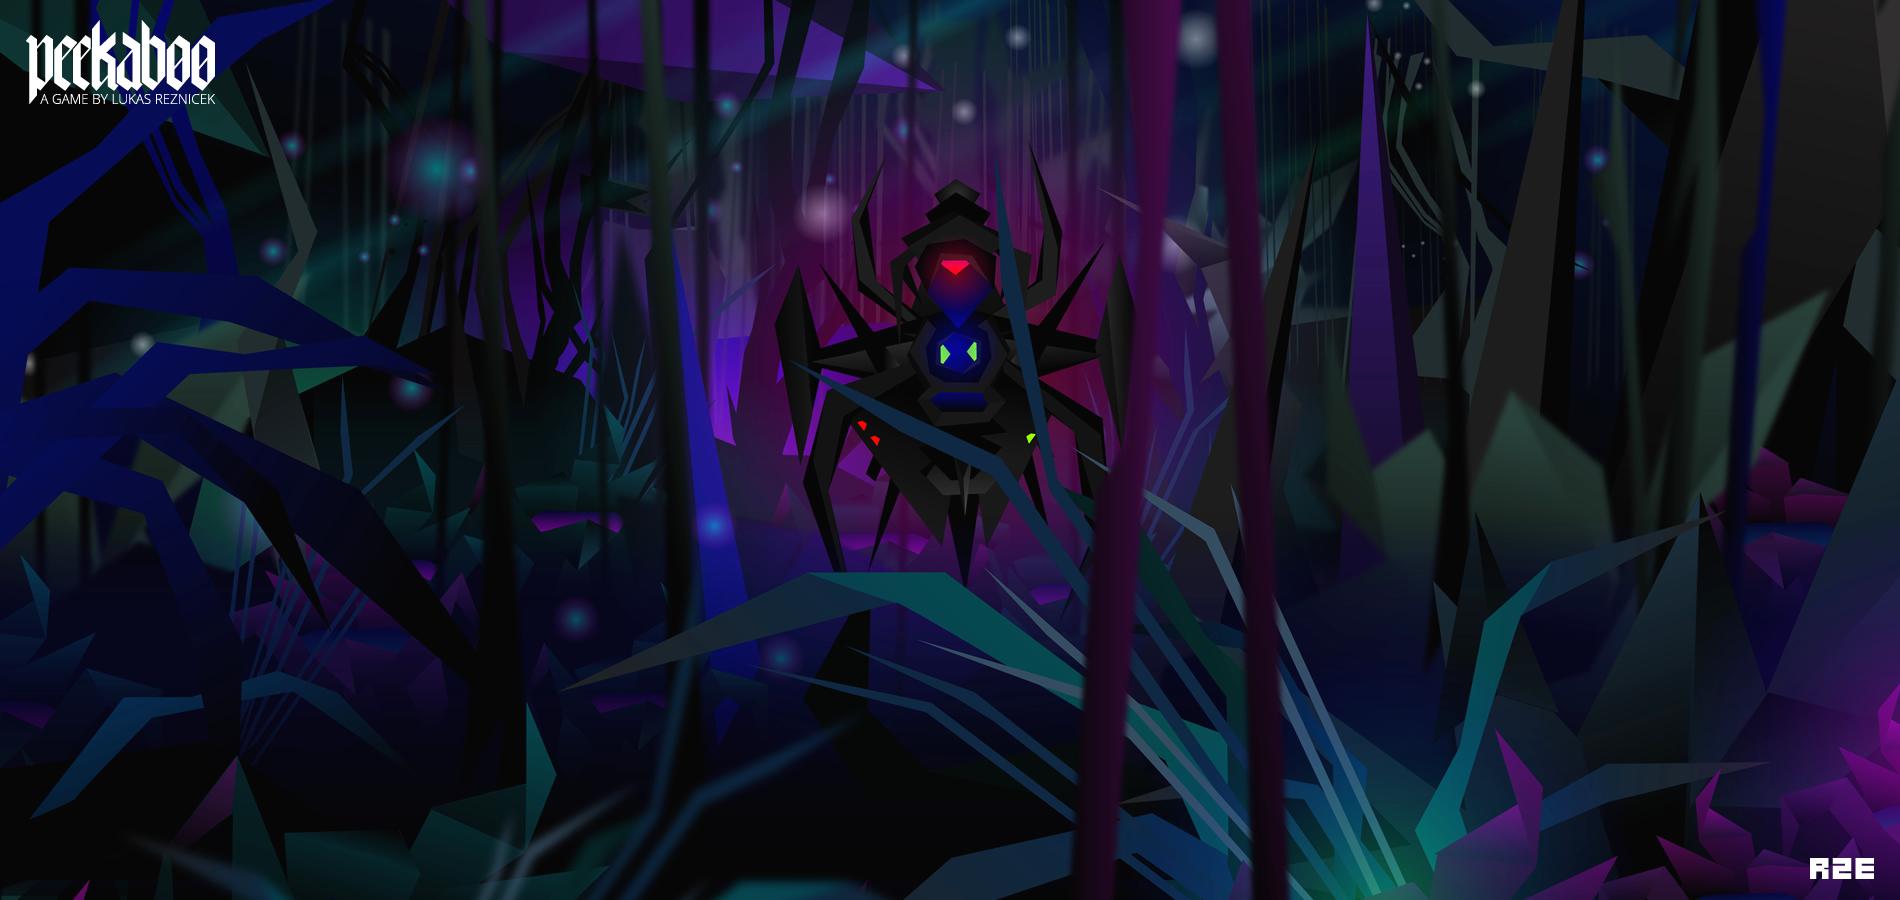 RZE představuje svou hru Bukkaku, jenž doprovodí krátký snímek Peekaboo